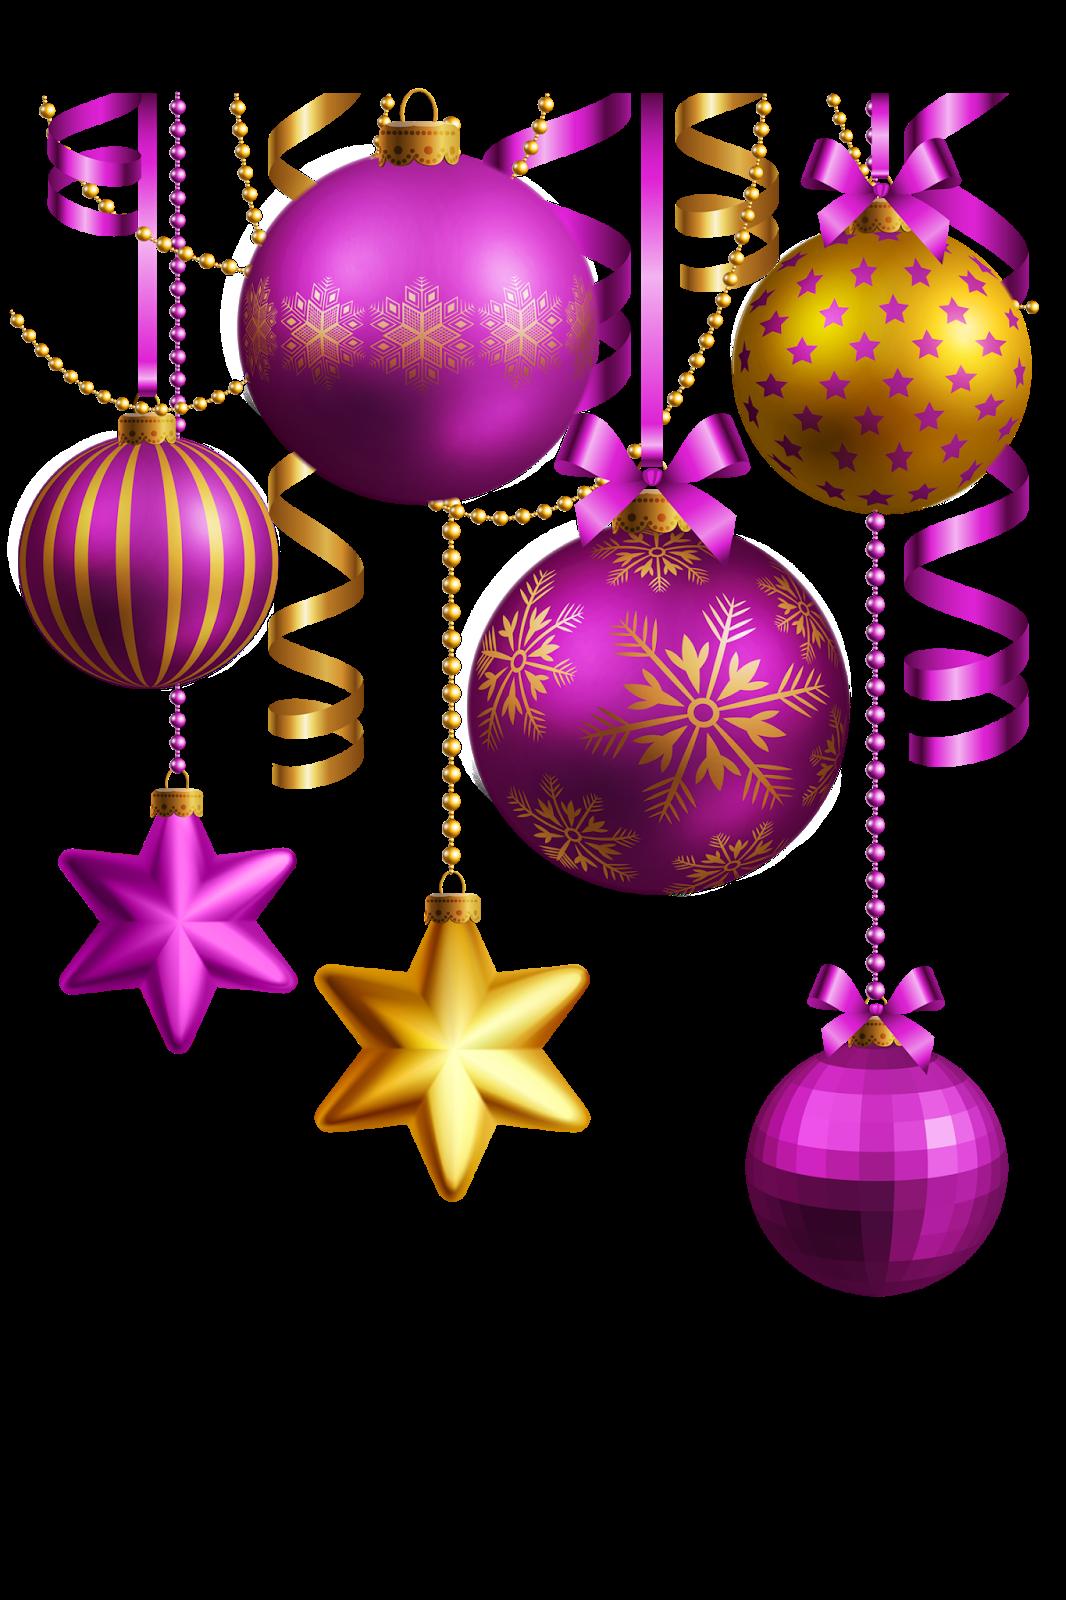 Banco de im genes crea tus propias im genes y postales for Cosas decorativas para navidad